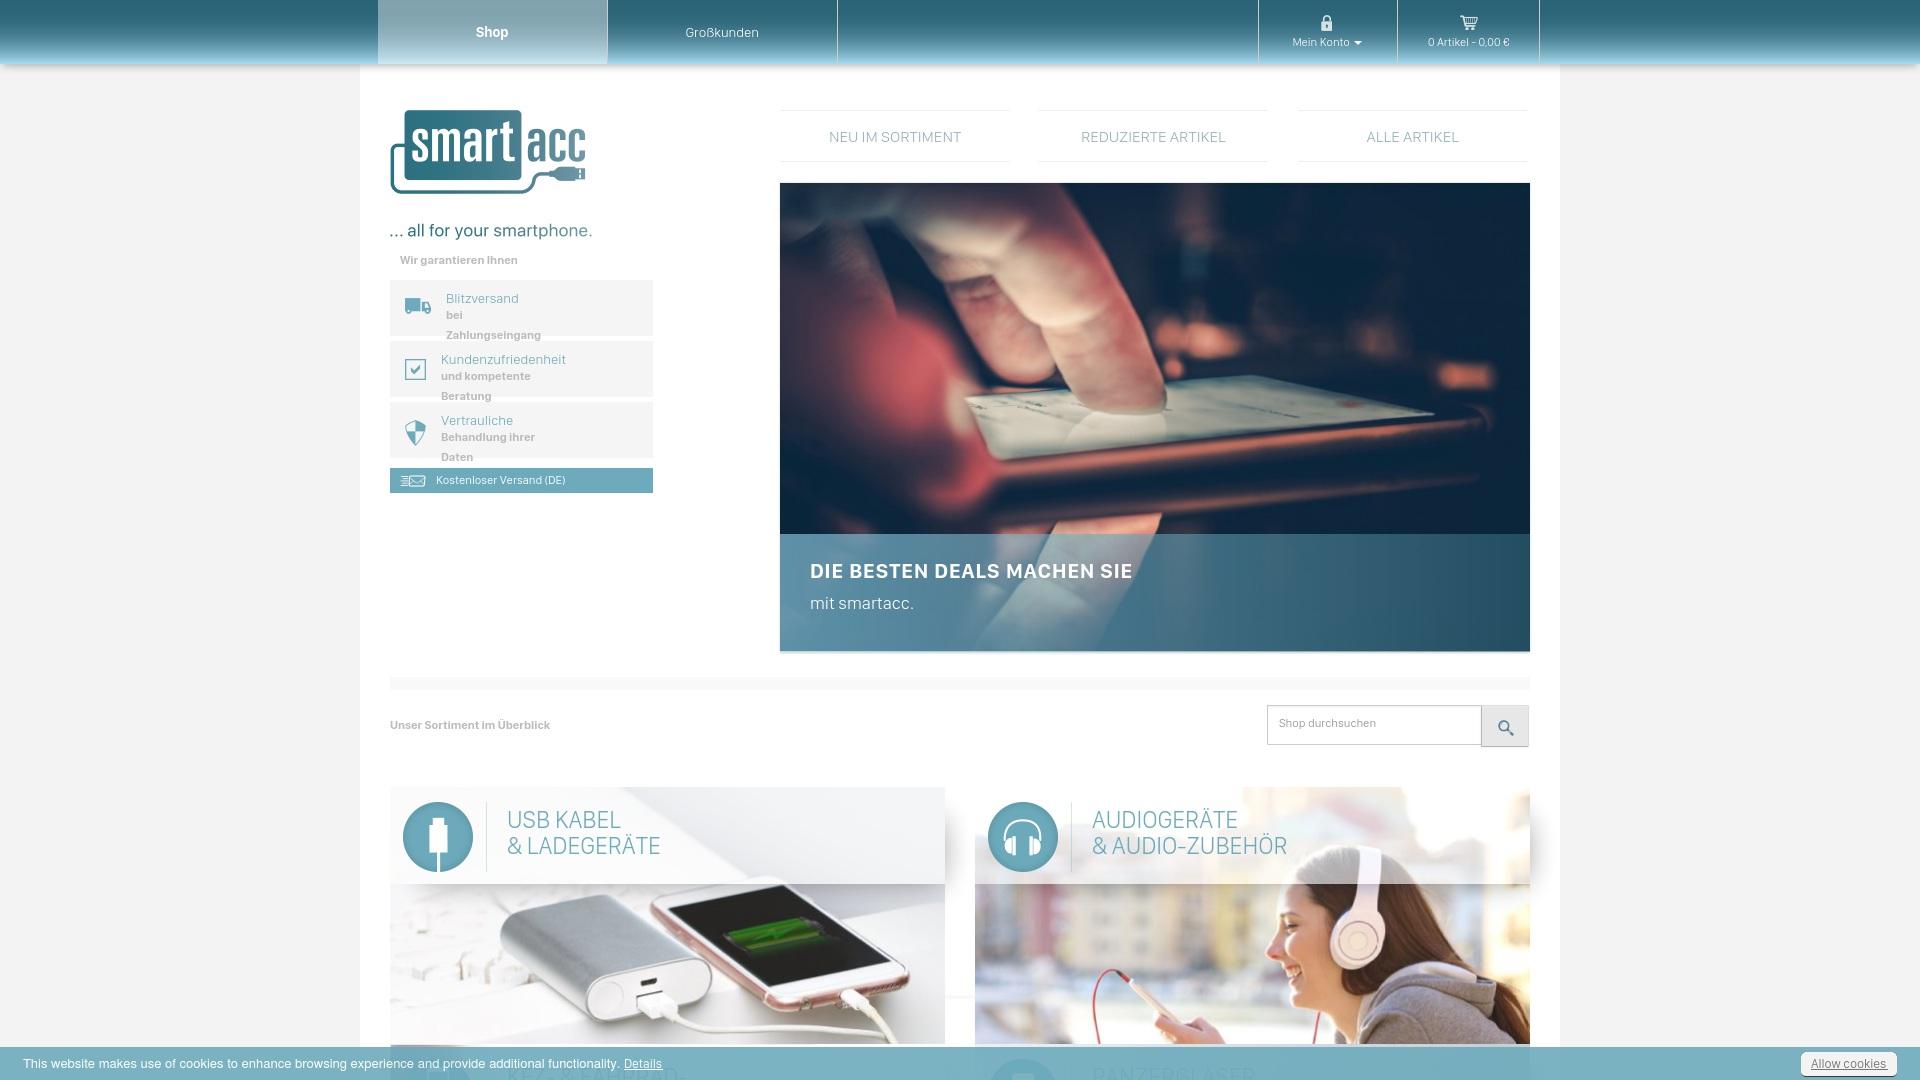 Gutschein für Smartacc: Rabatte für  Smartacc sichern